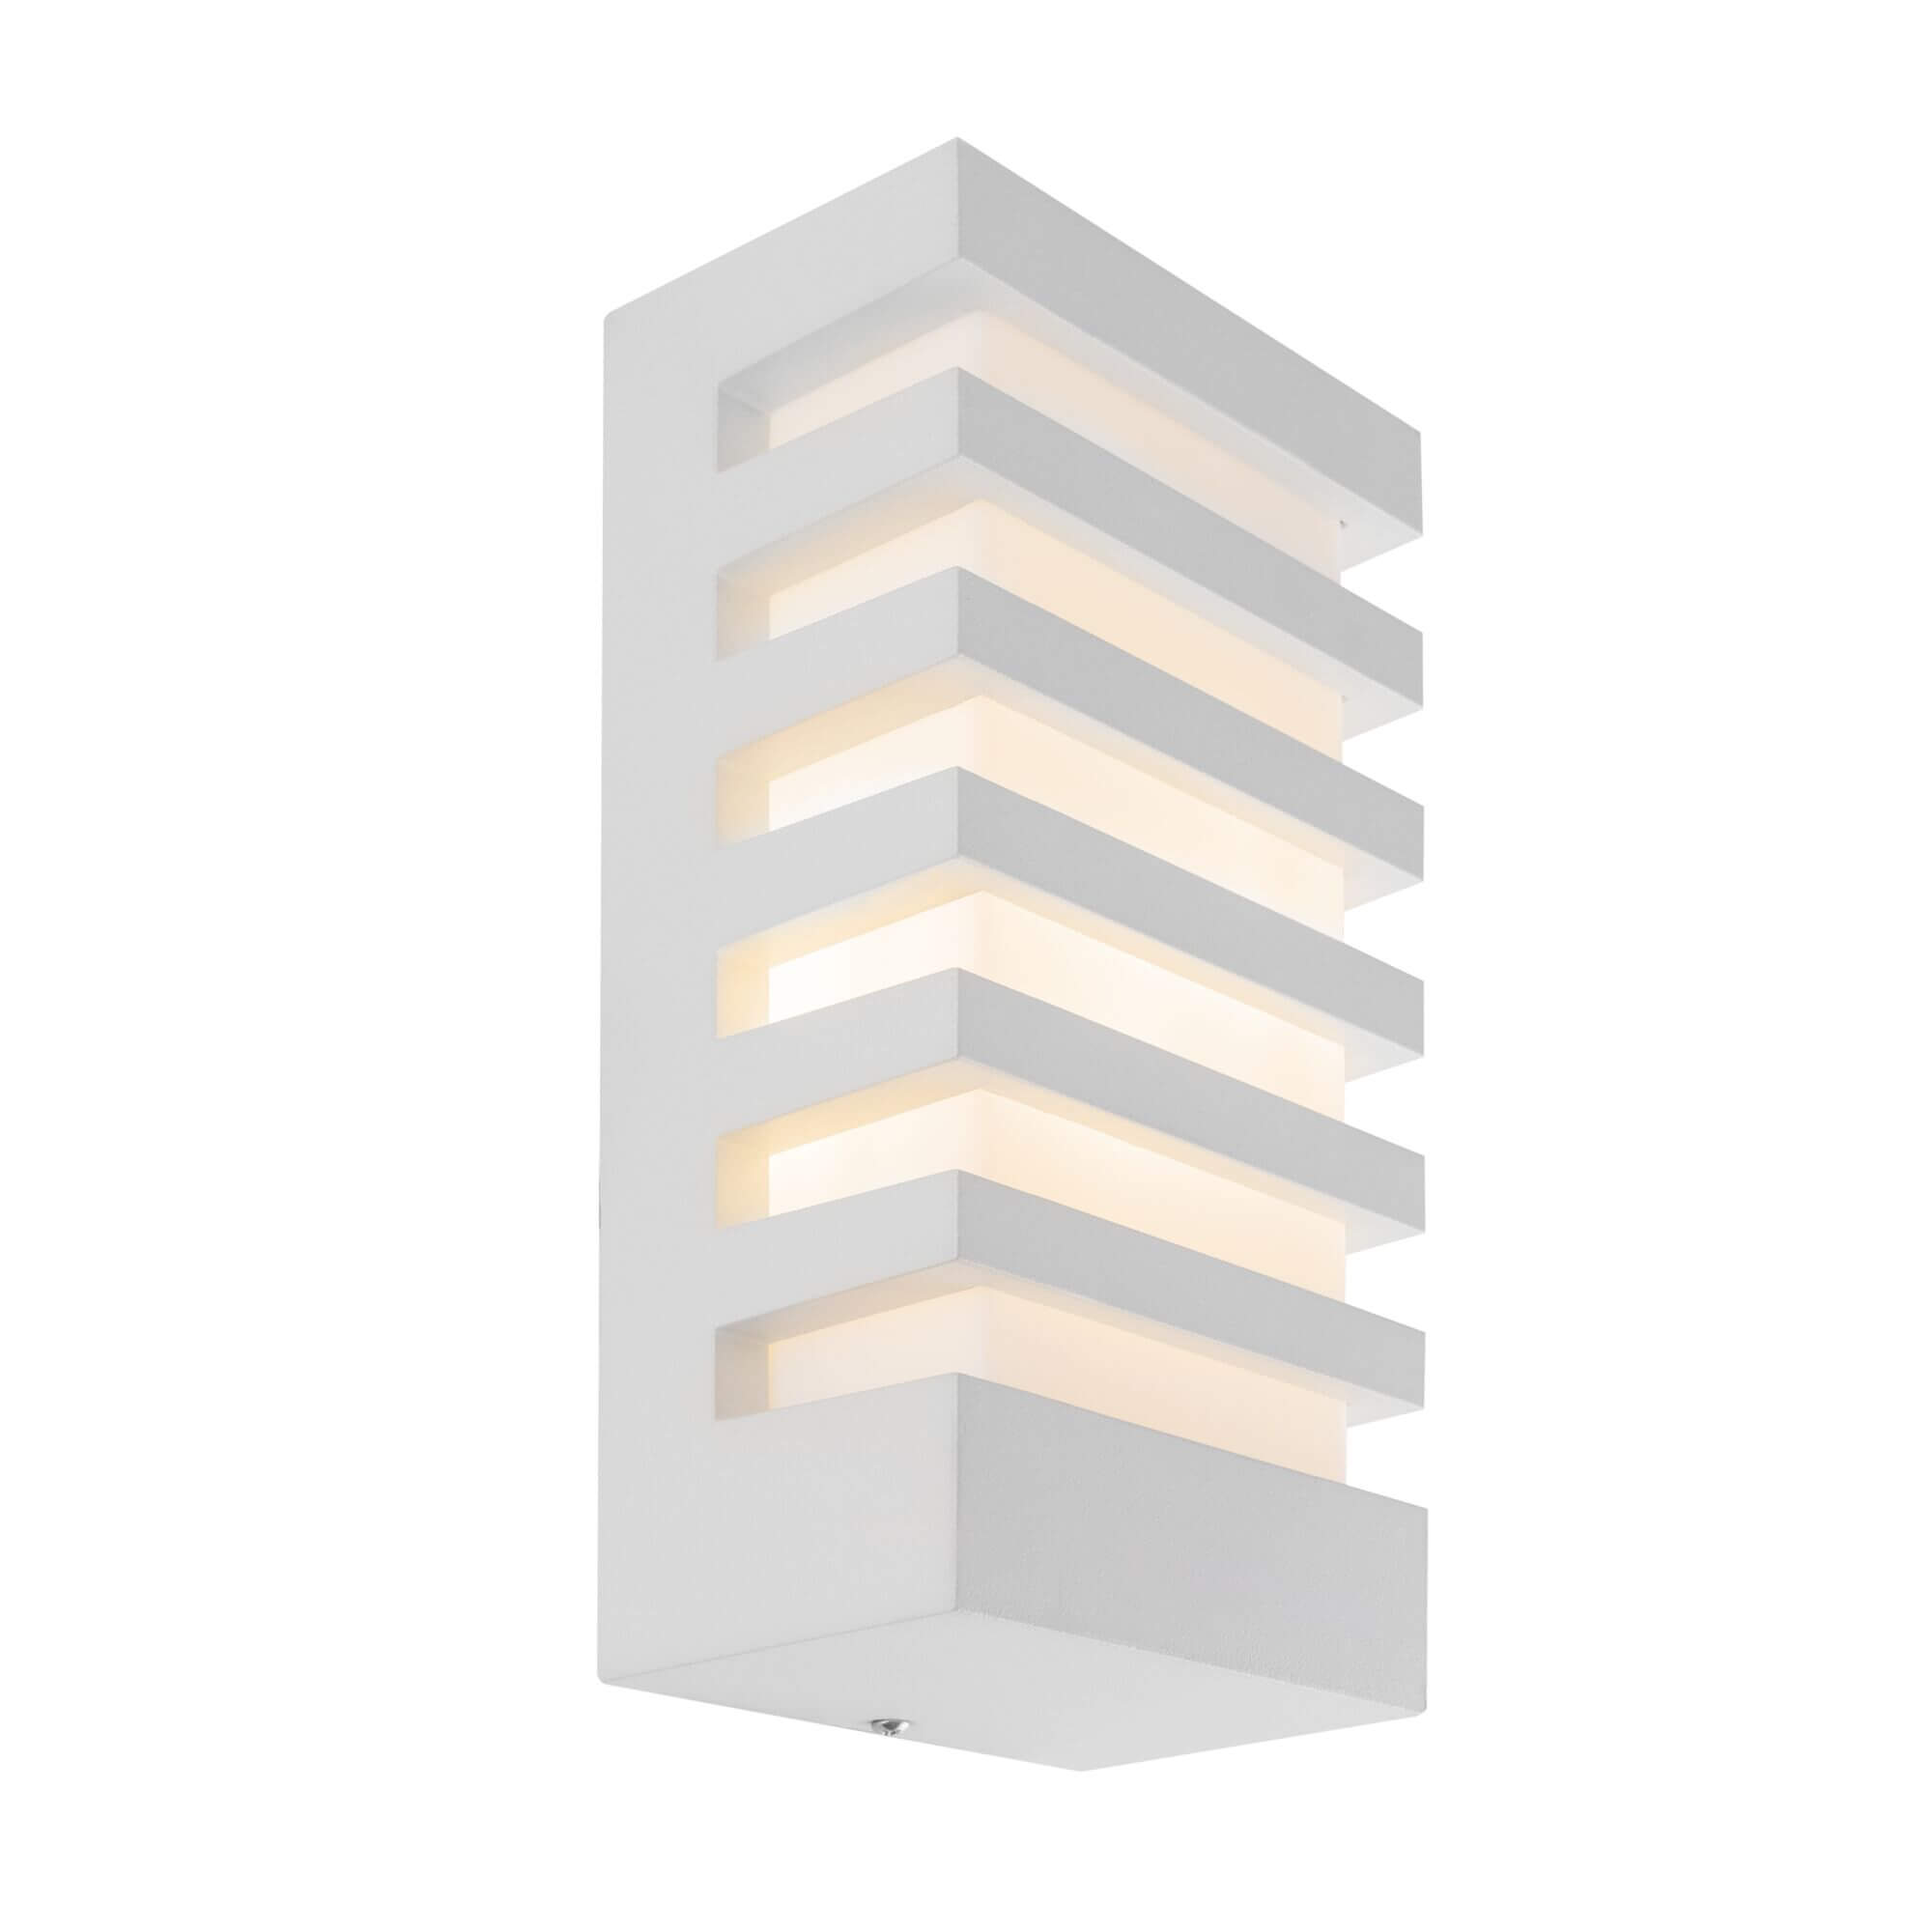 Стенна лампа Remsa, бяло, с IP54